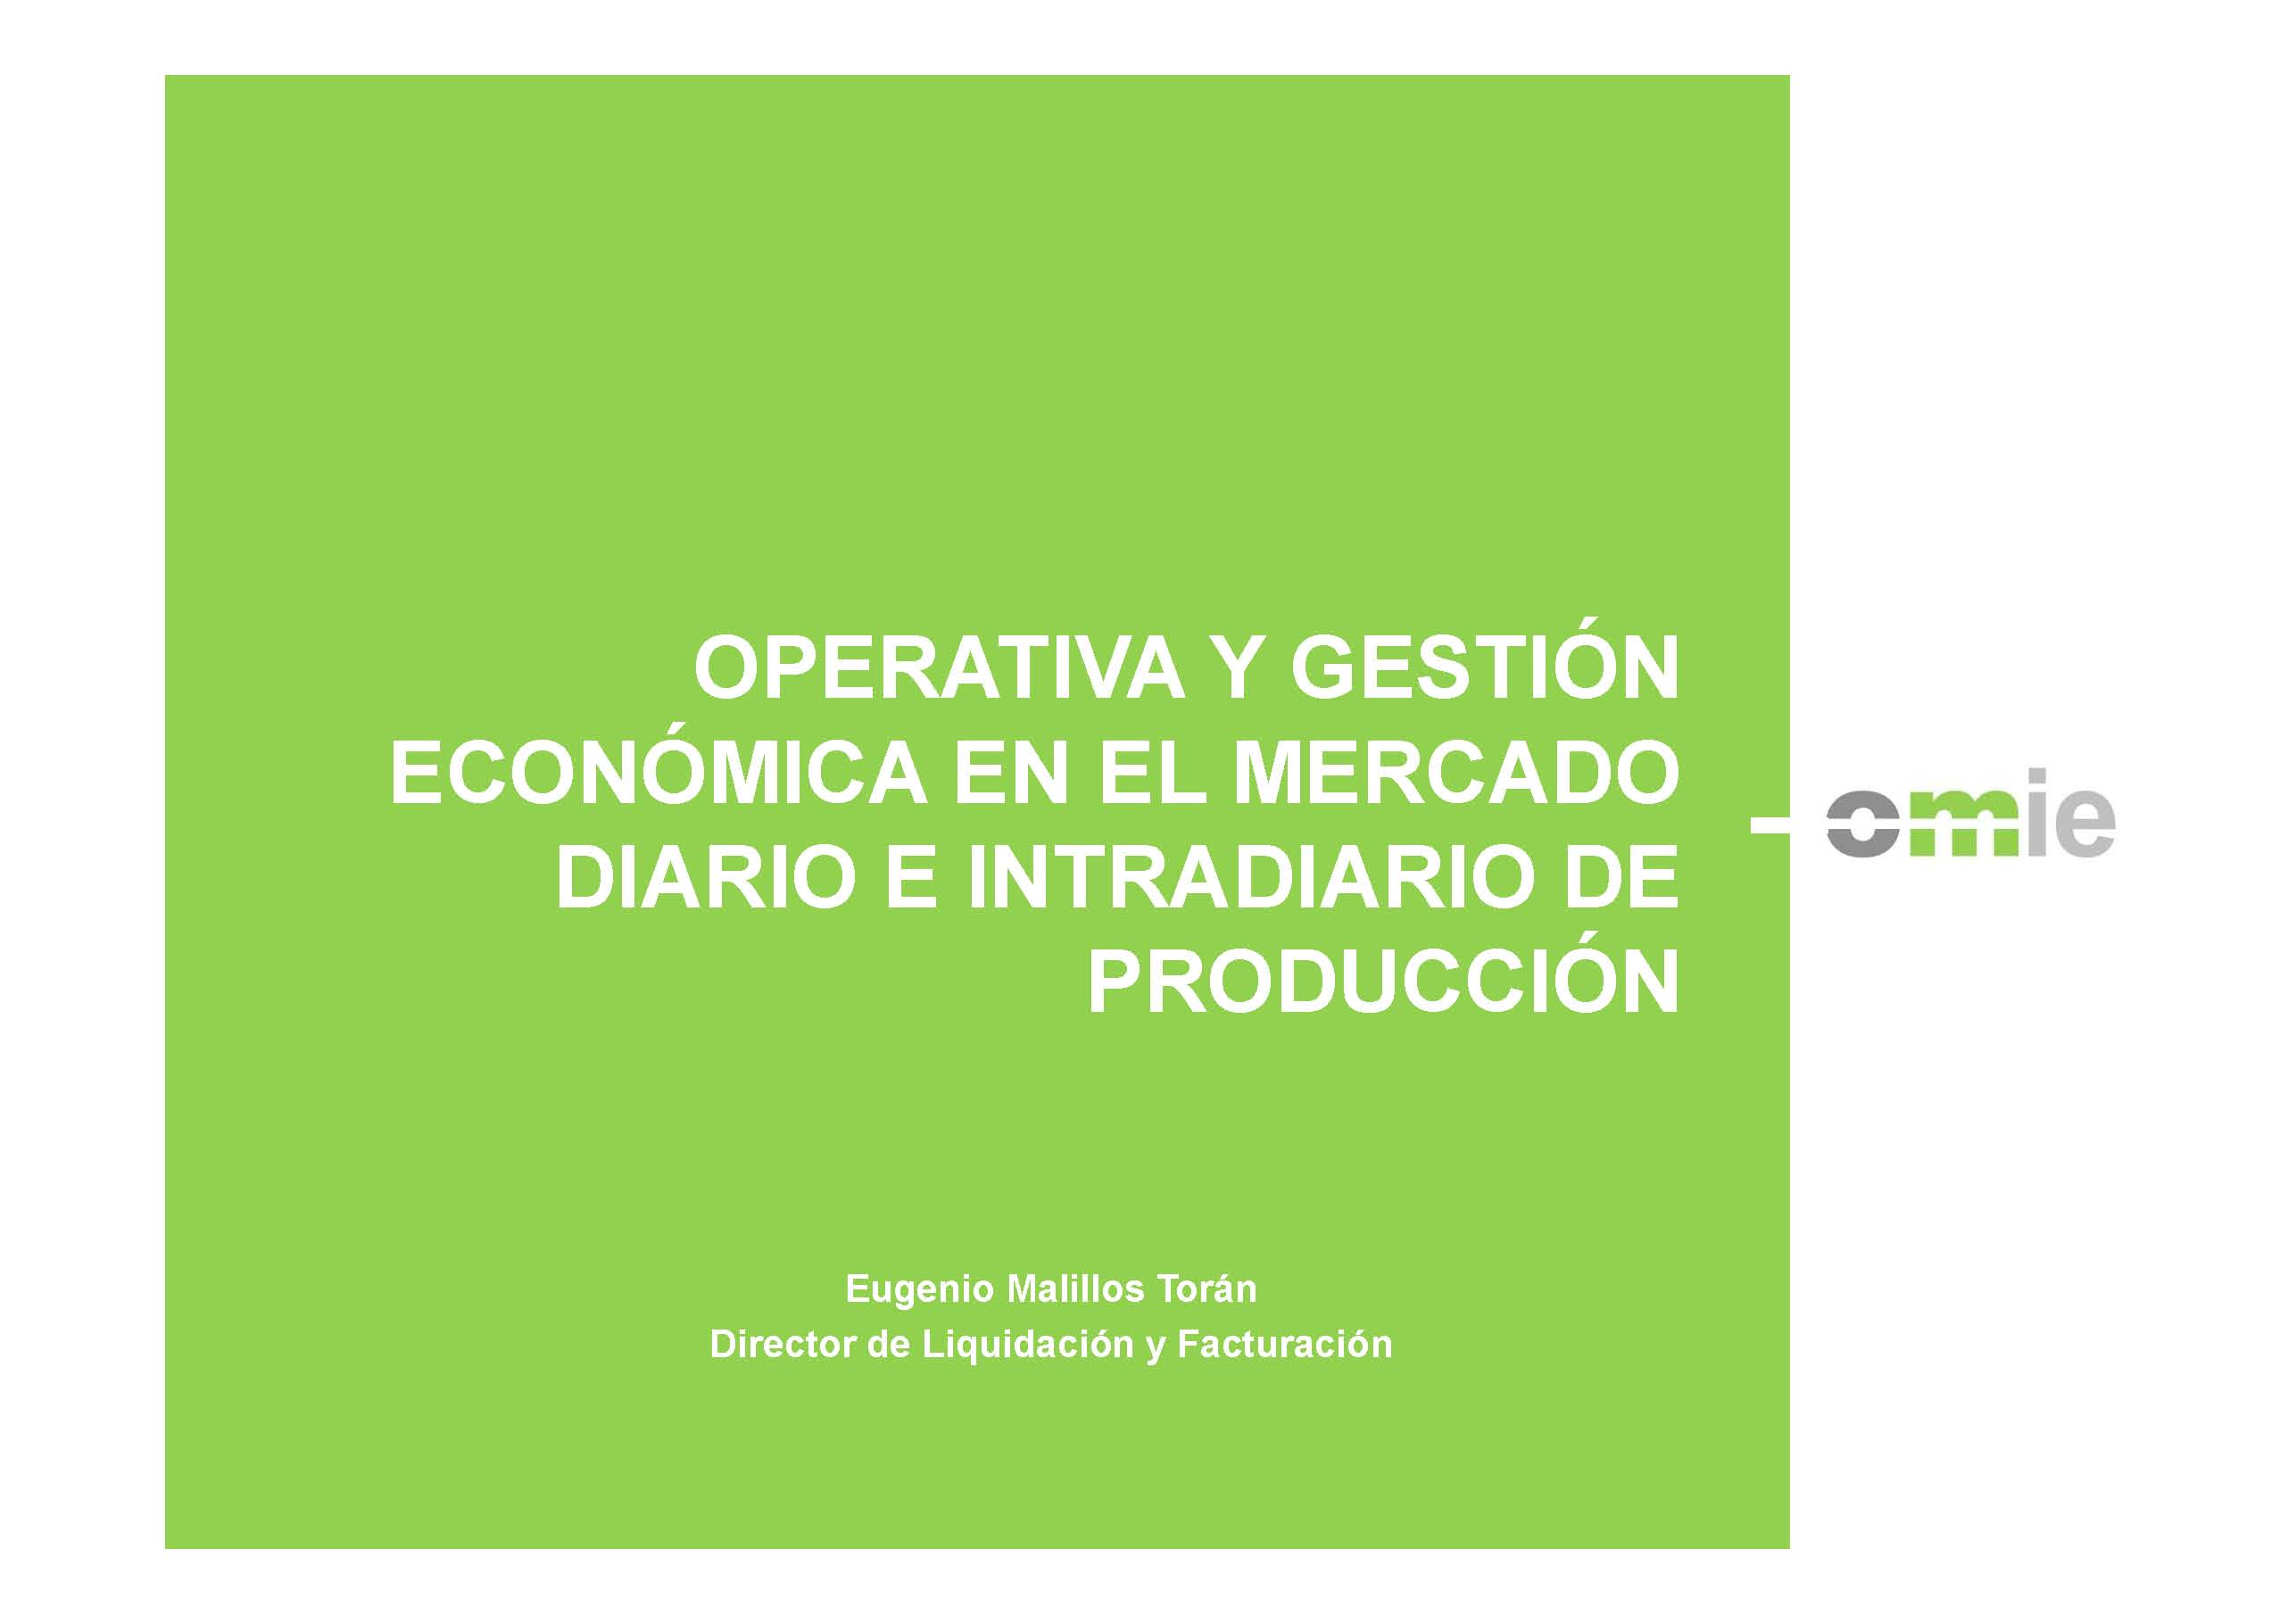 Operativa y gestión económica en el mercado diario e intradiario de electricidad. Jornada C.E. 6 de mayo